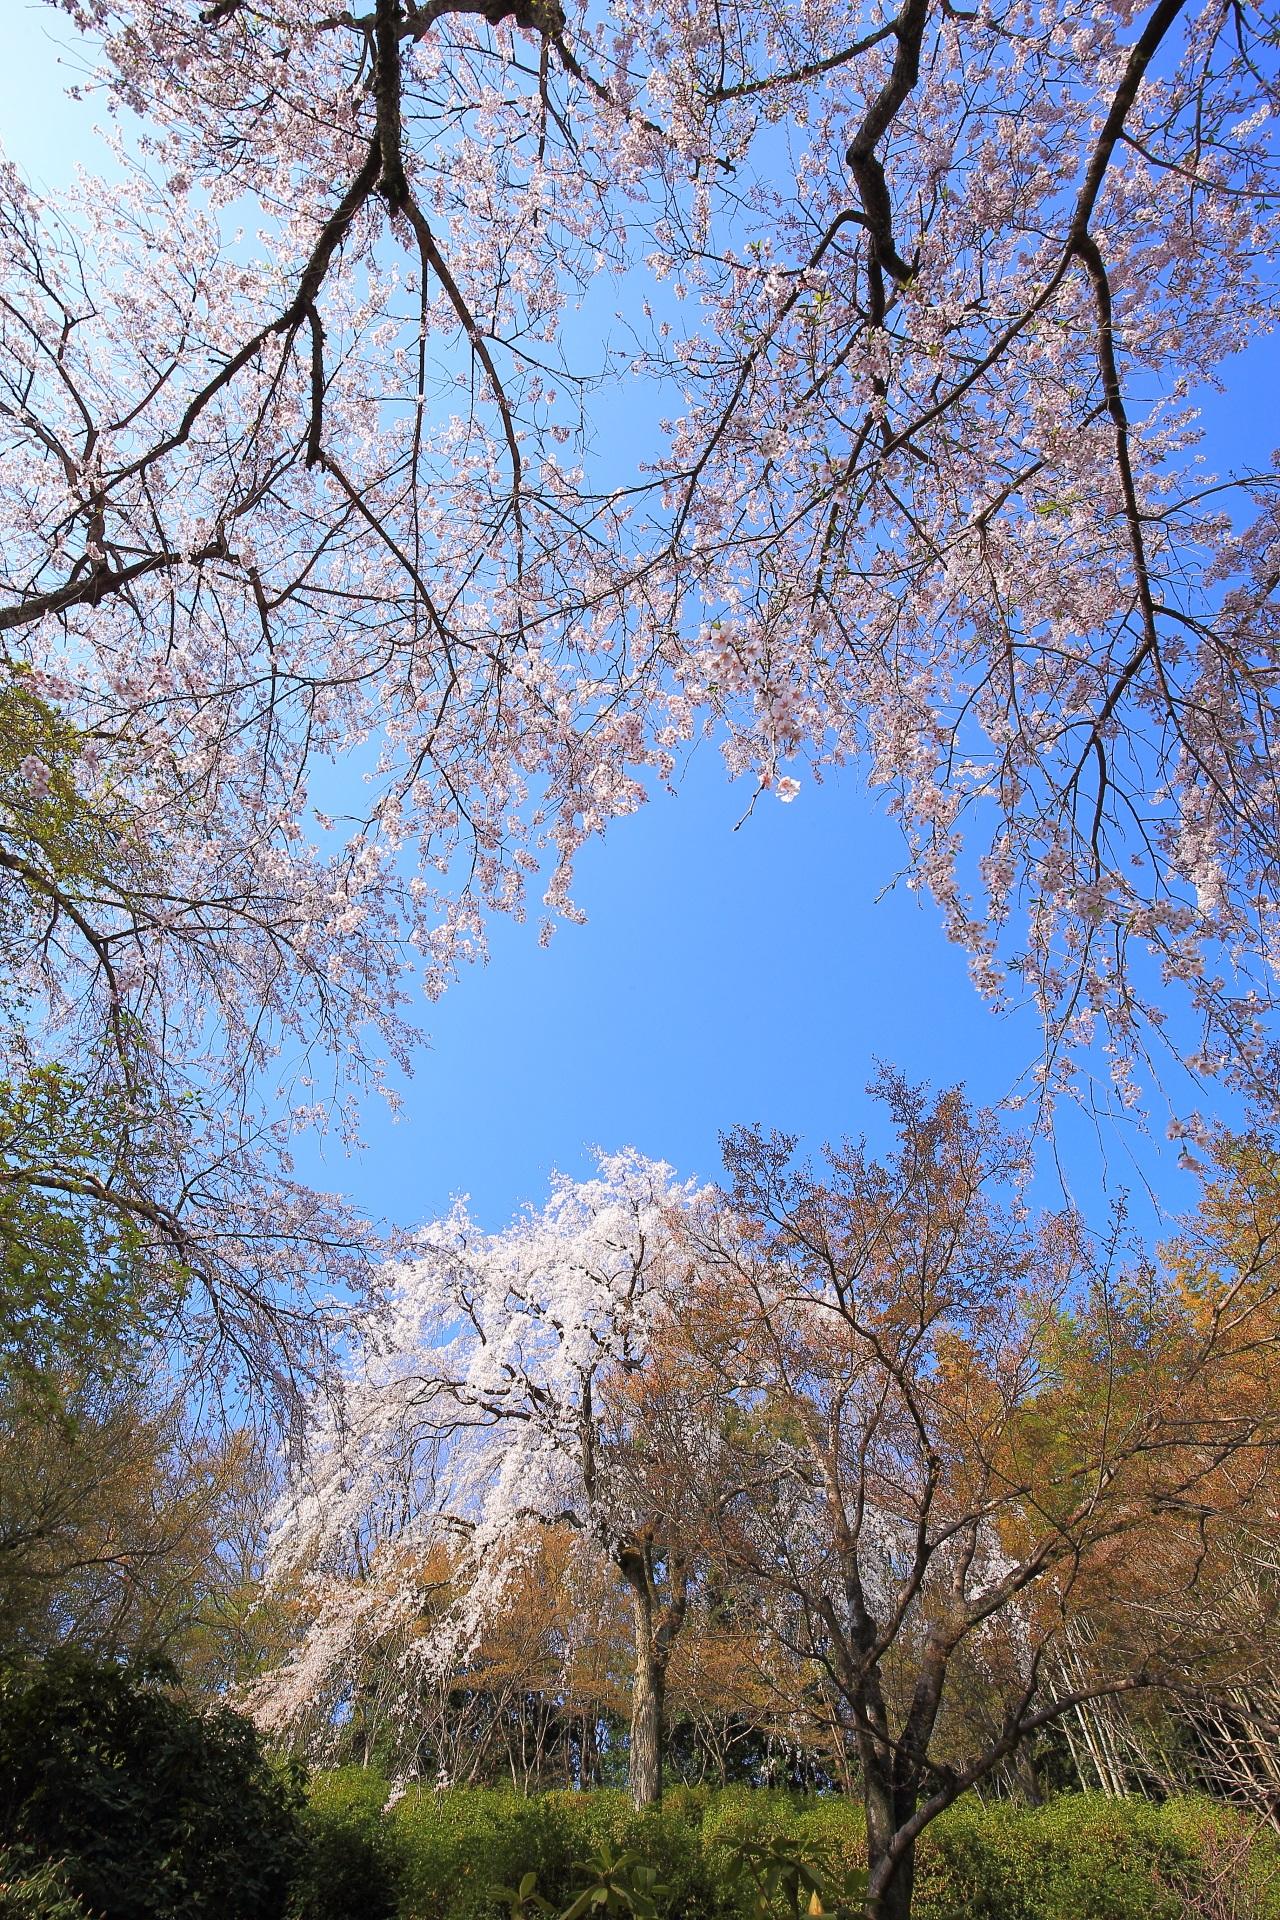 天龍寺の透き通る青空の下で咲き乱れる桜